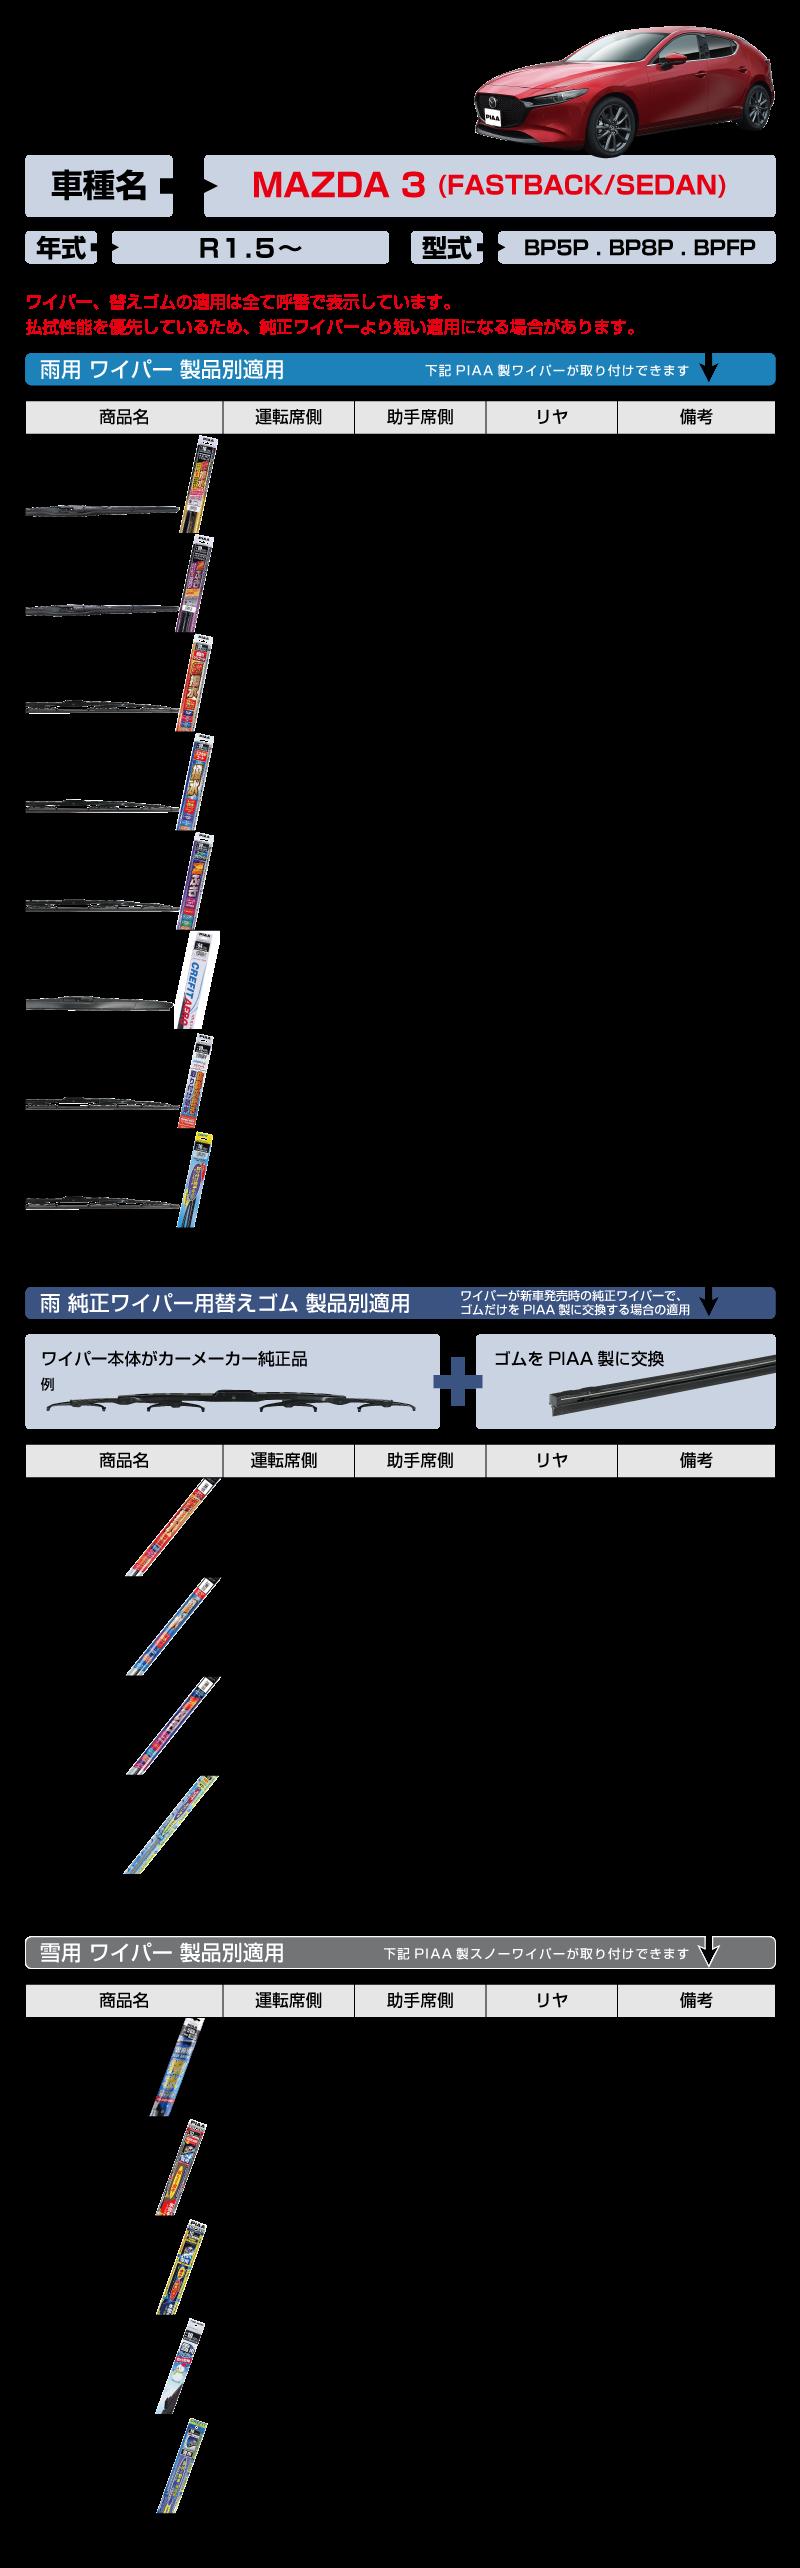 TEKIYOU_MAZDA_3_R1.5